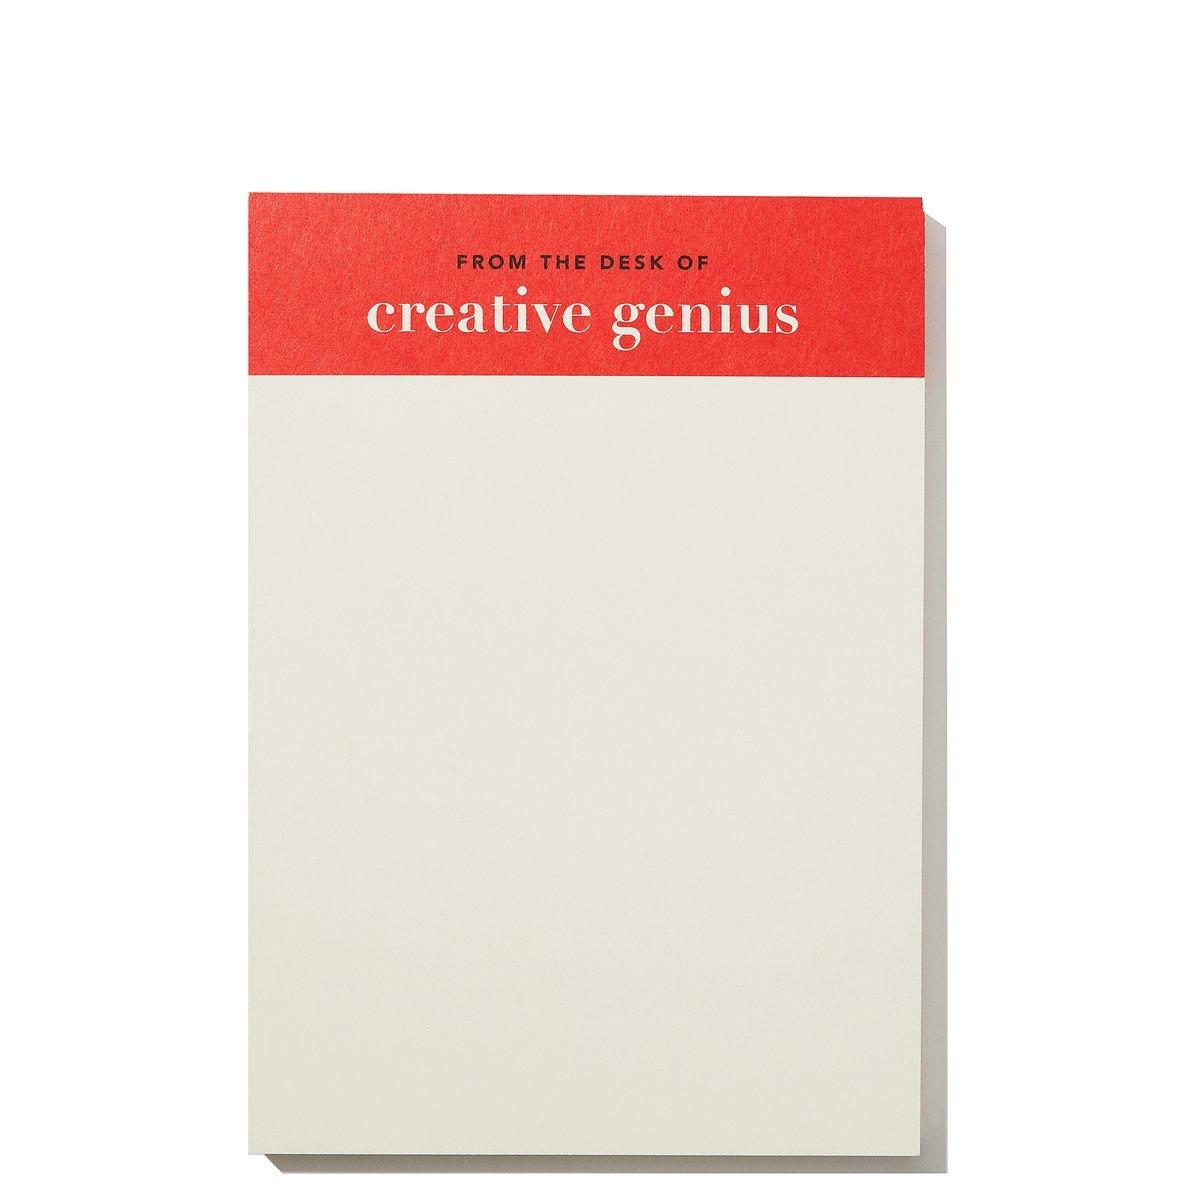 Snow & Graham #SP508 Creative Genius miniPAD